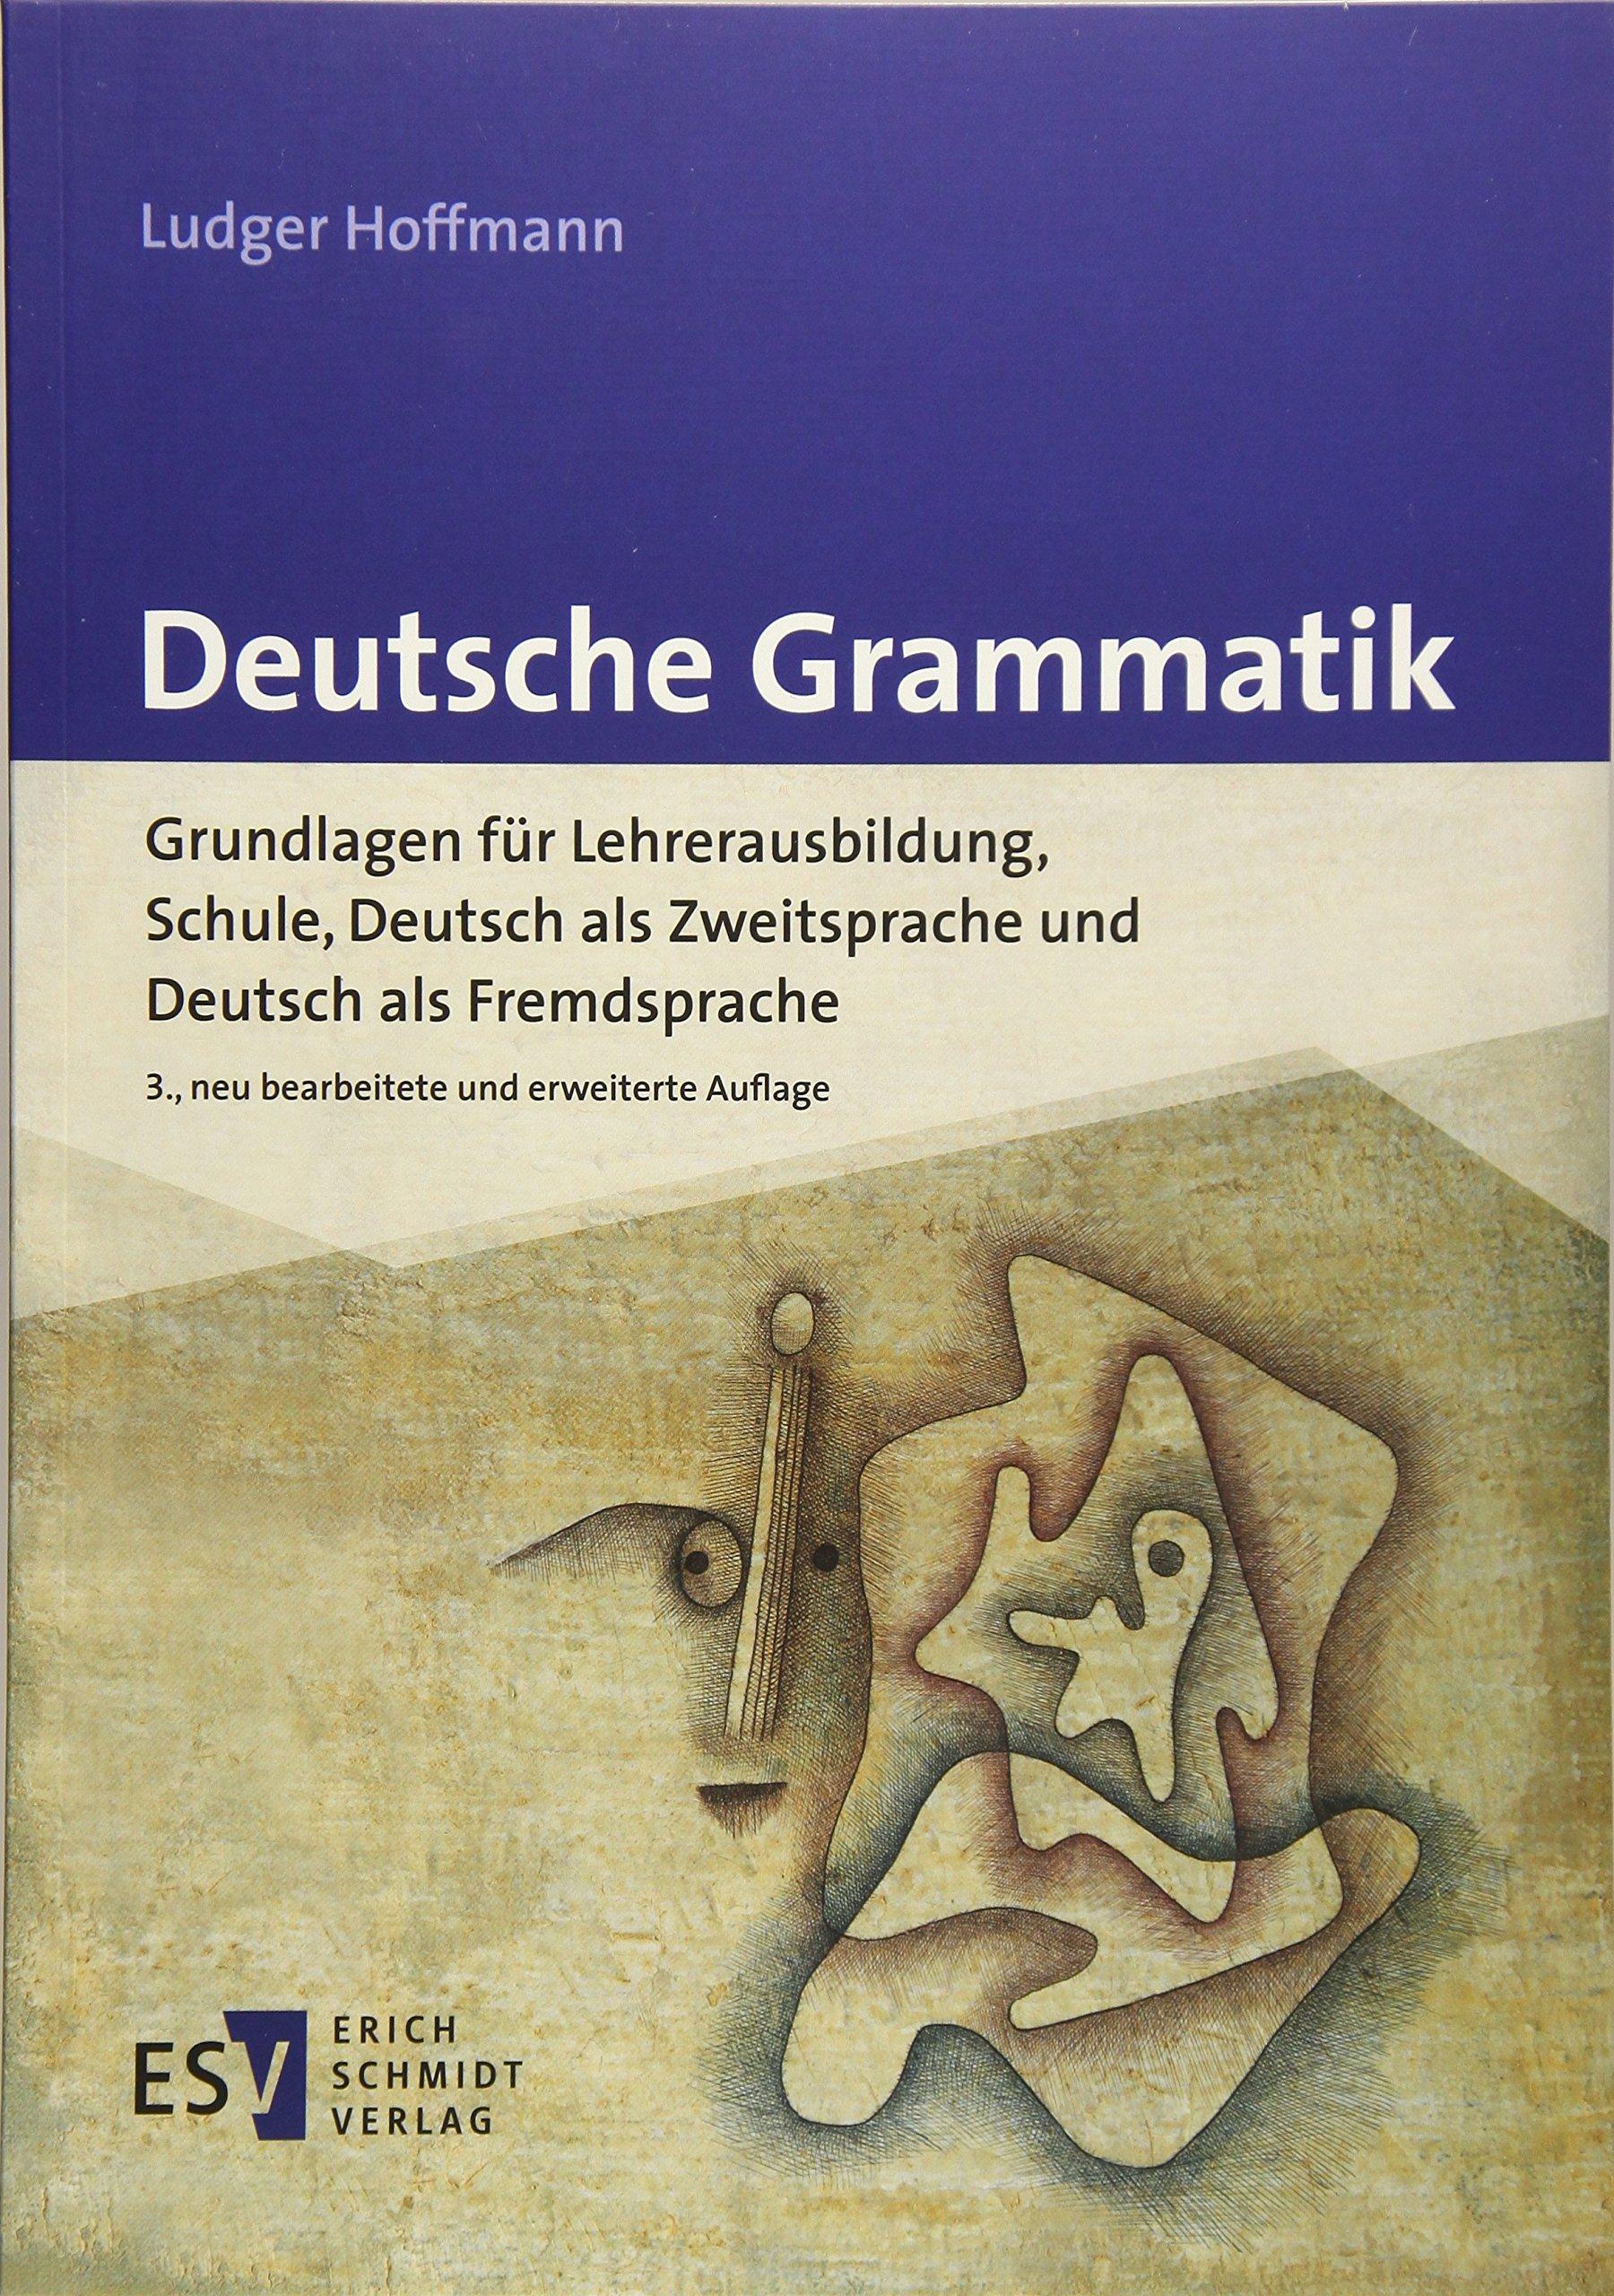 Deutsche Grammatik: Grundlagen für Lehrerausbildung, Schule, Deutsch als Zweitsprache und Deutsch als Fremdsprache